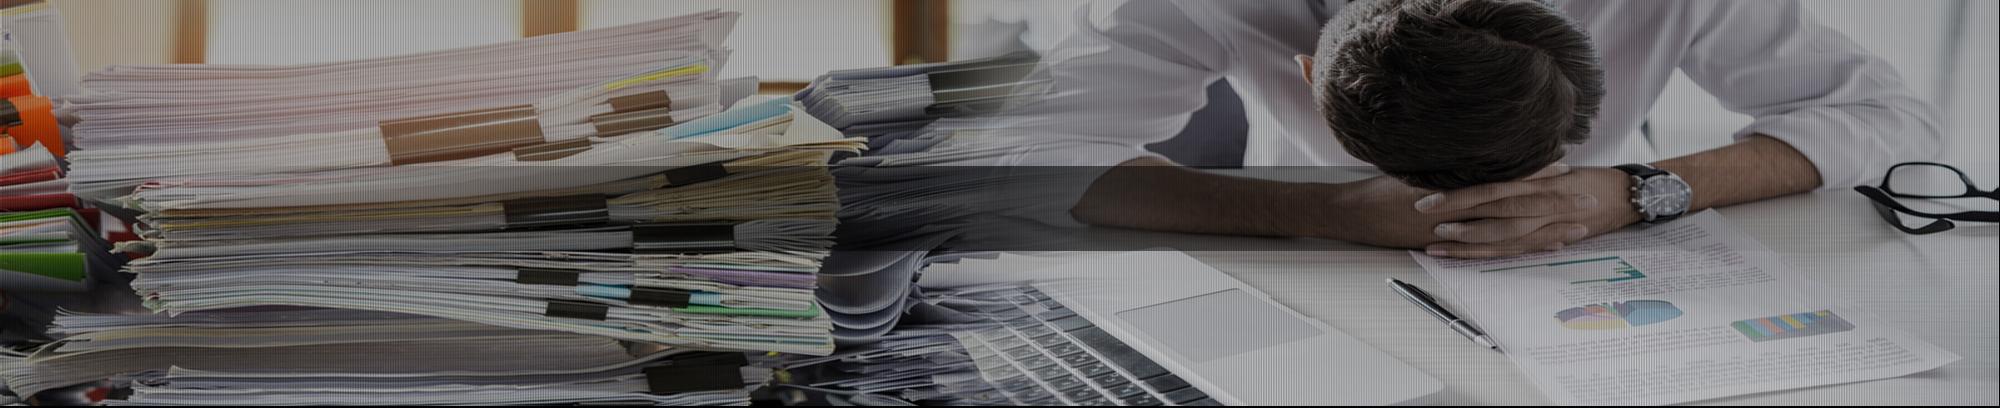 膨大な紙書類のキャビネット保管、検索、 データ手入力に困っていませんか?